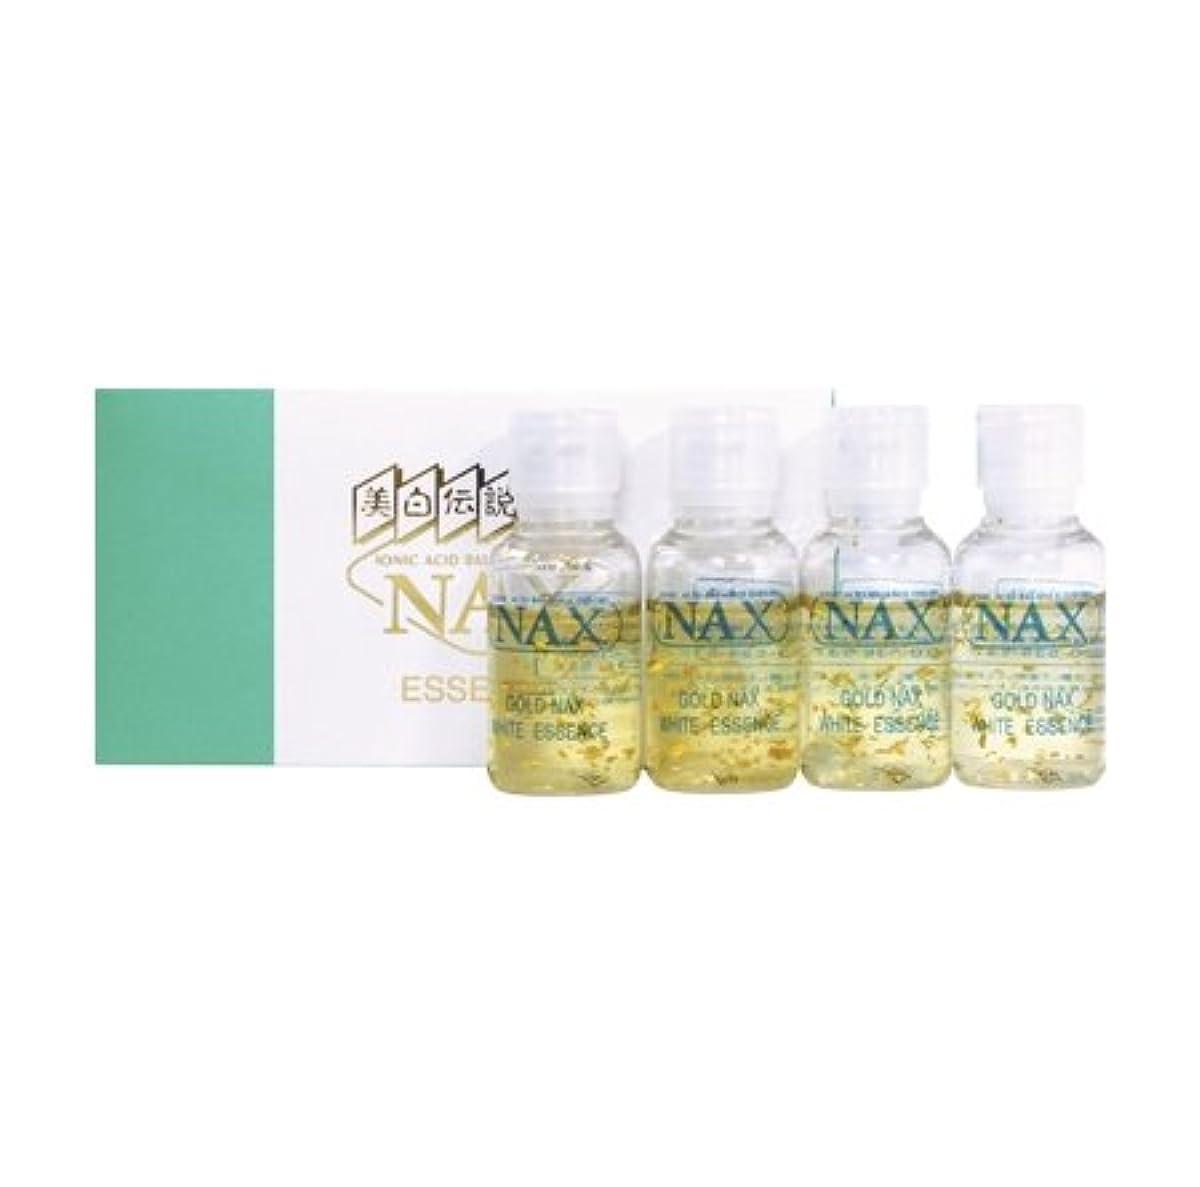 むちゃくちゃ女の子悲観的ゴールドコスメ NAX ホワイトエッセンス 美容液 超敏感肌用 12.5ml×4本